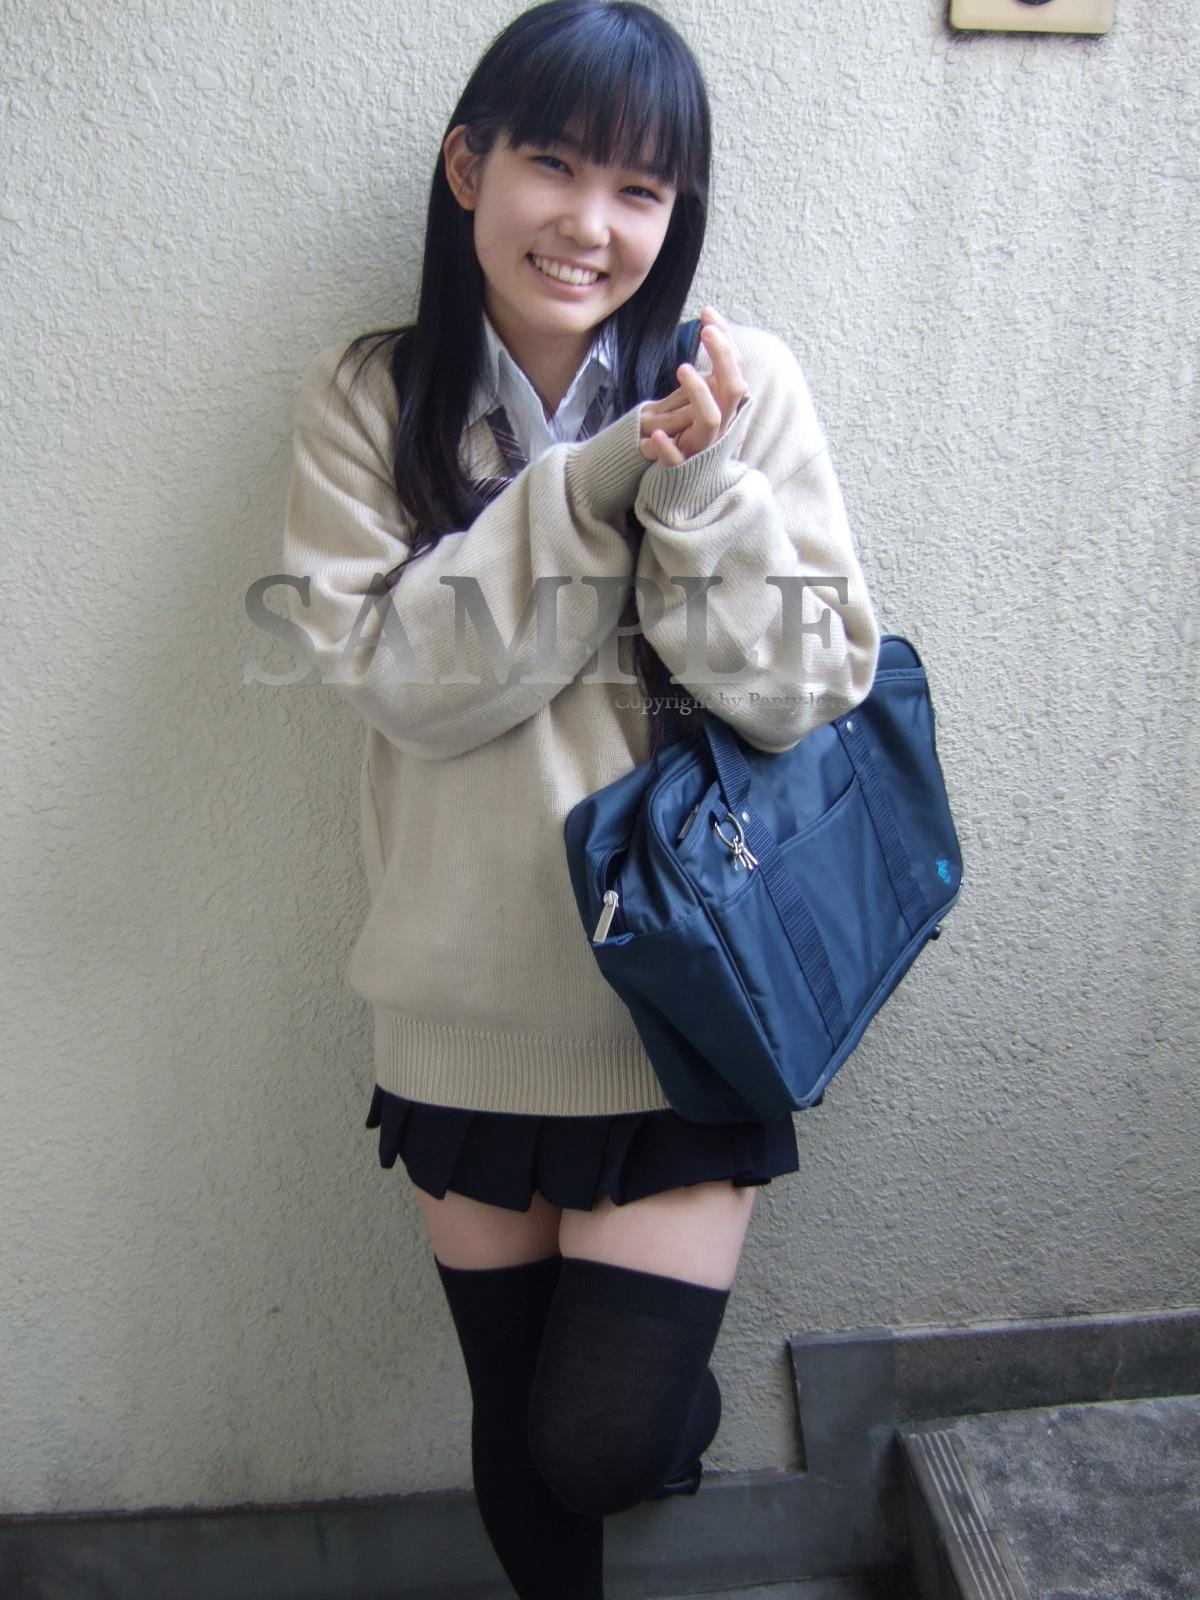 【こまり】ニーハイ制服娘の白綿パンティ ~PANTY-LOVE~